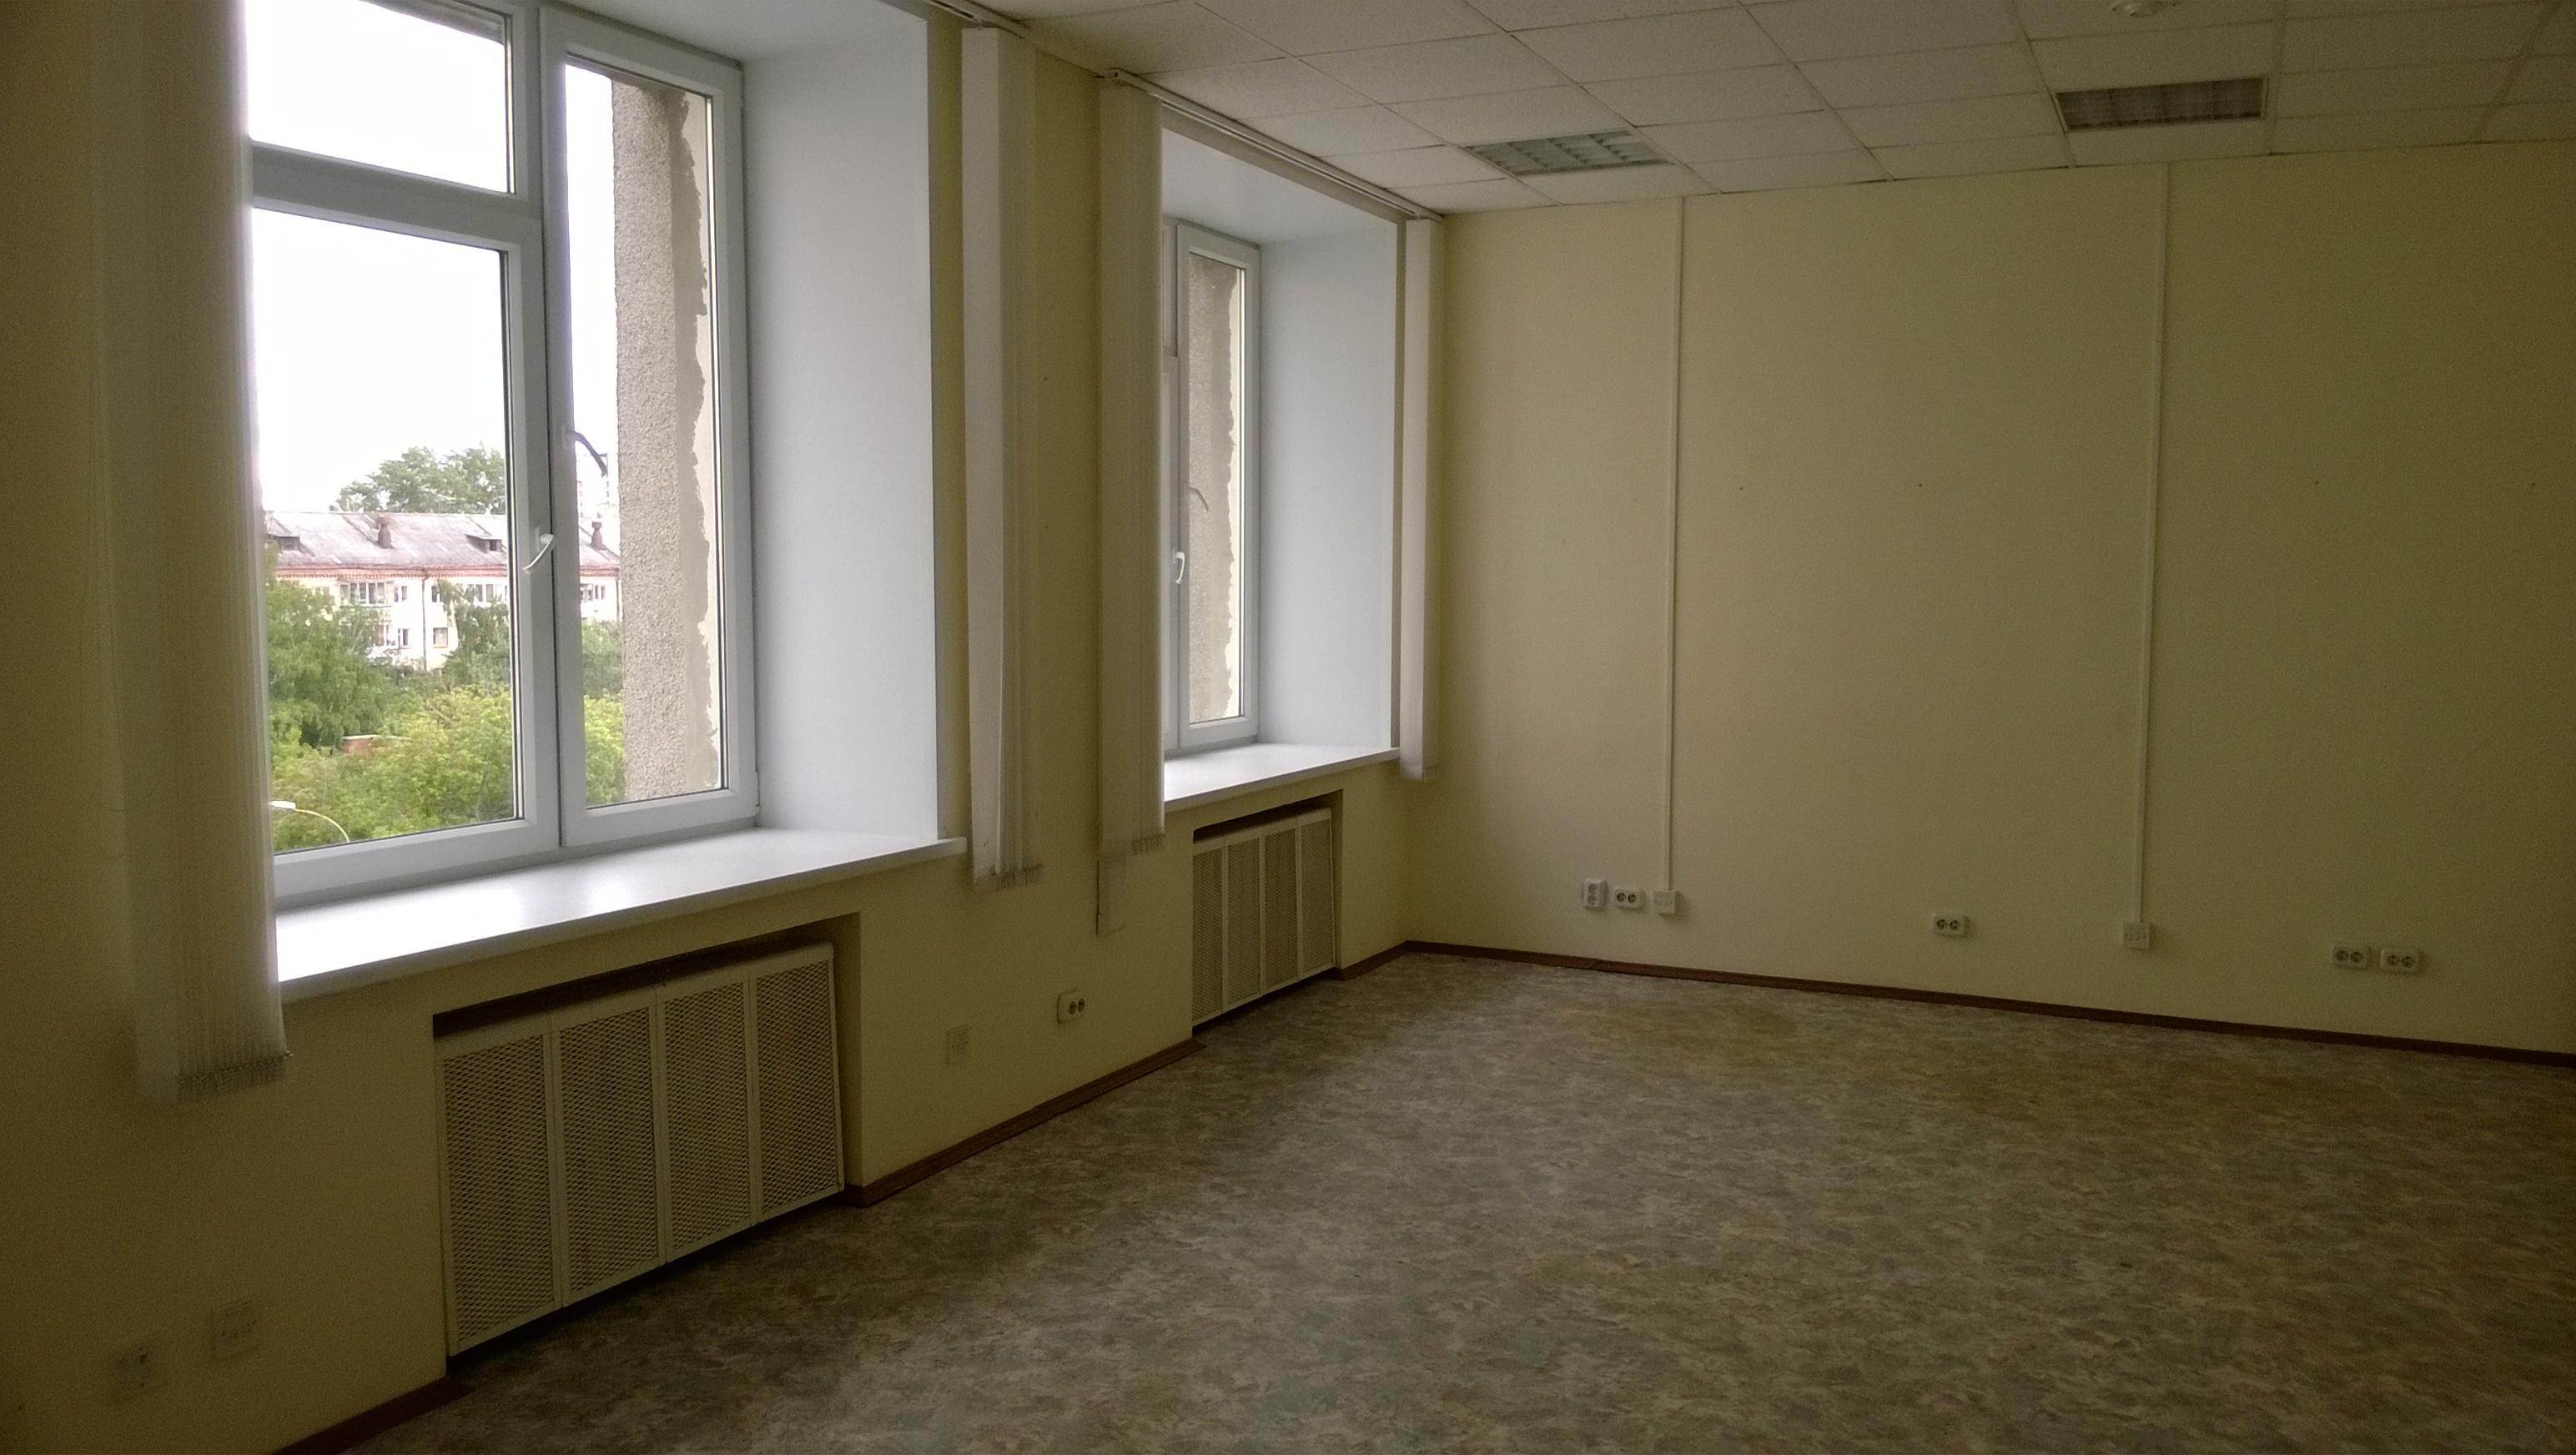 Аренда офисов в кировском районе екатеринбурга Аренда офиса 30 кв Оршанская улица